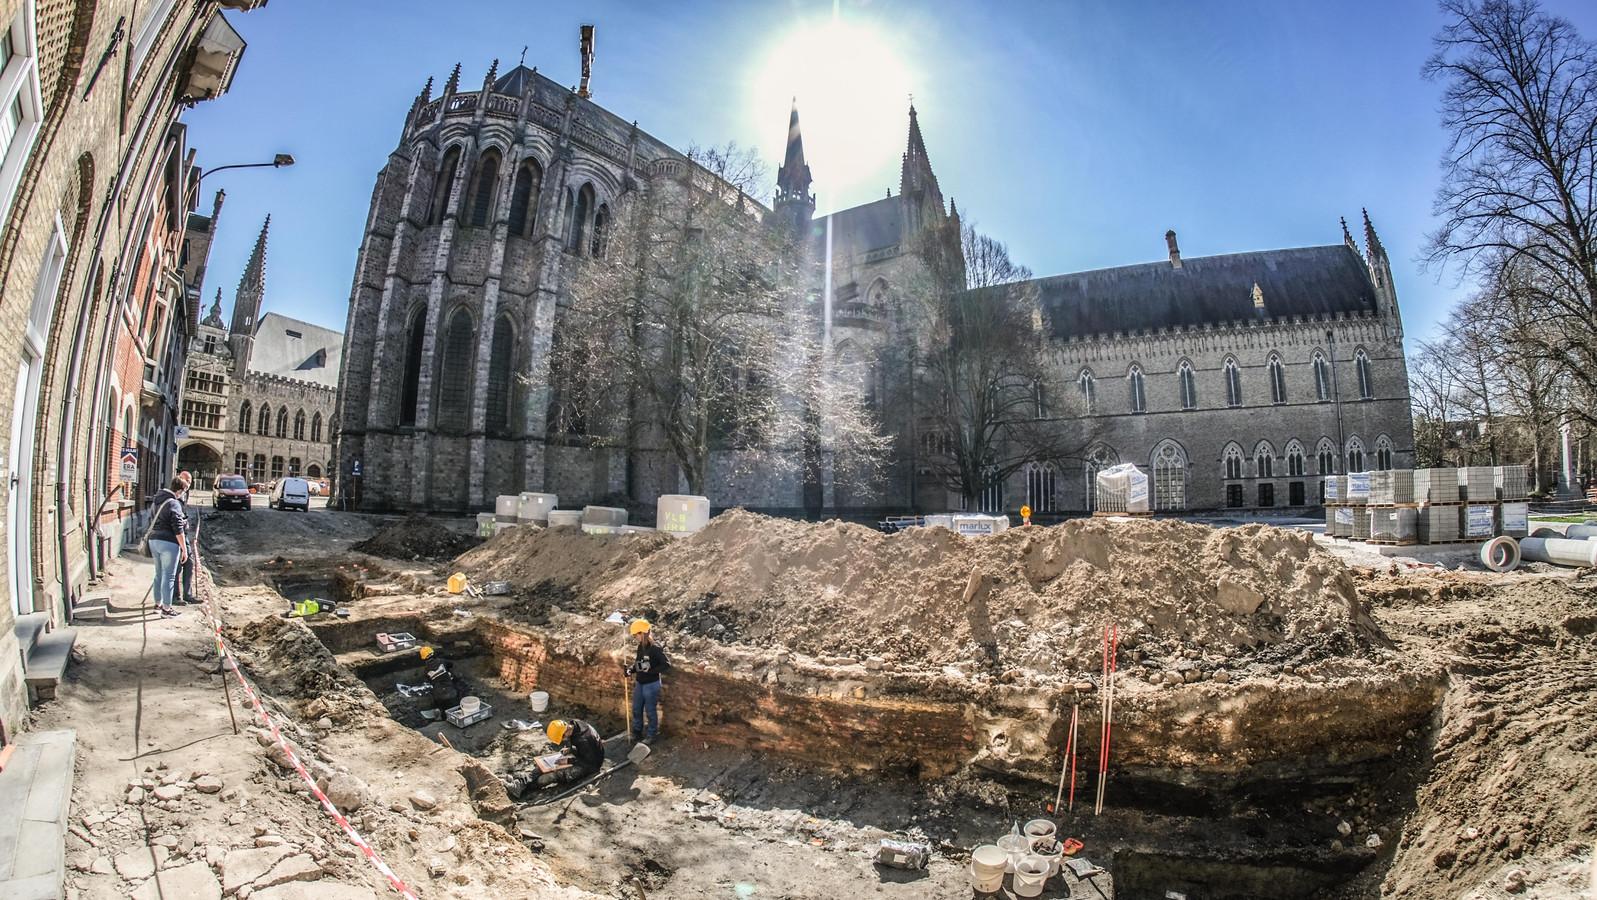 Het opgraven van de vele skeletten zou de stad een financiële kater kunnen bezorgen.